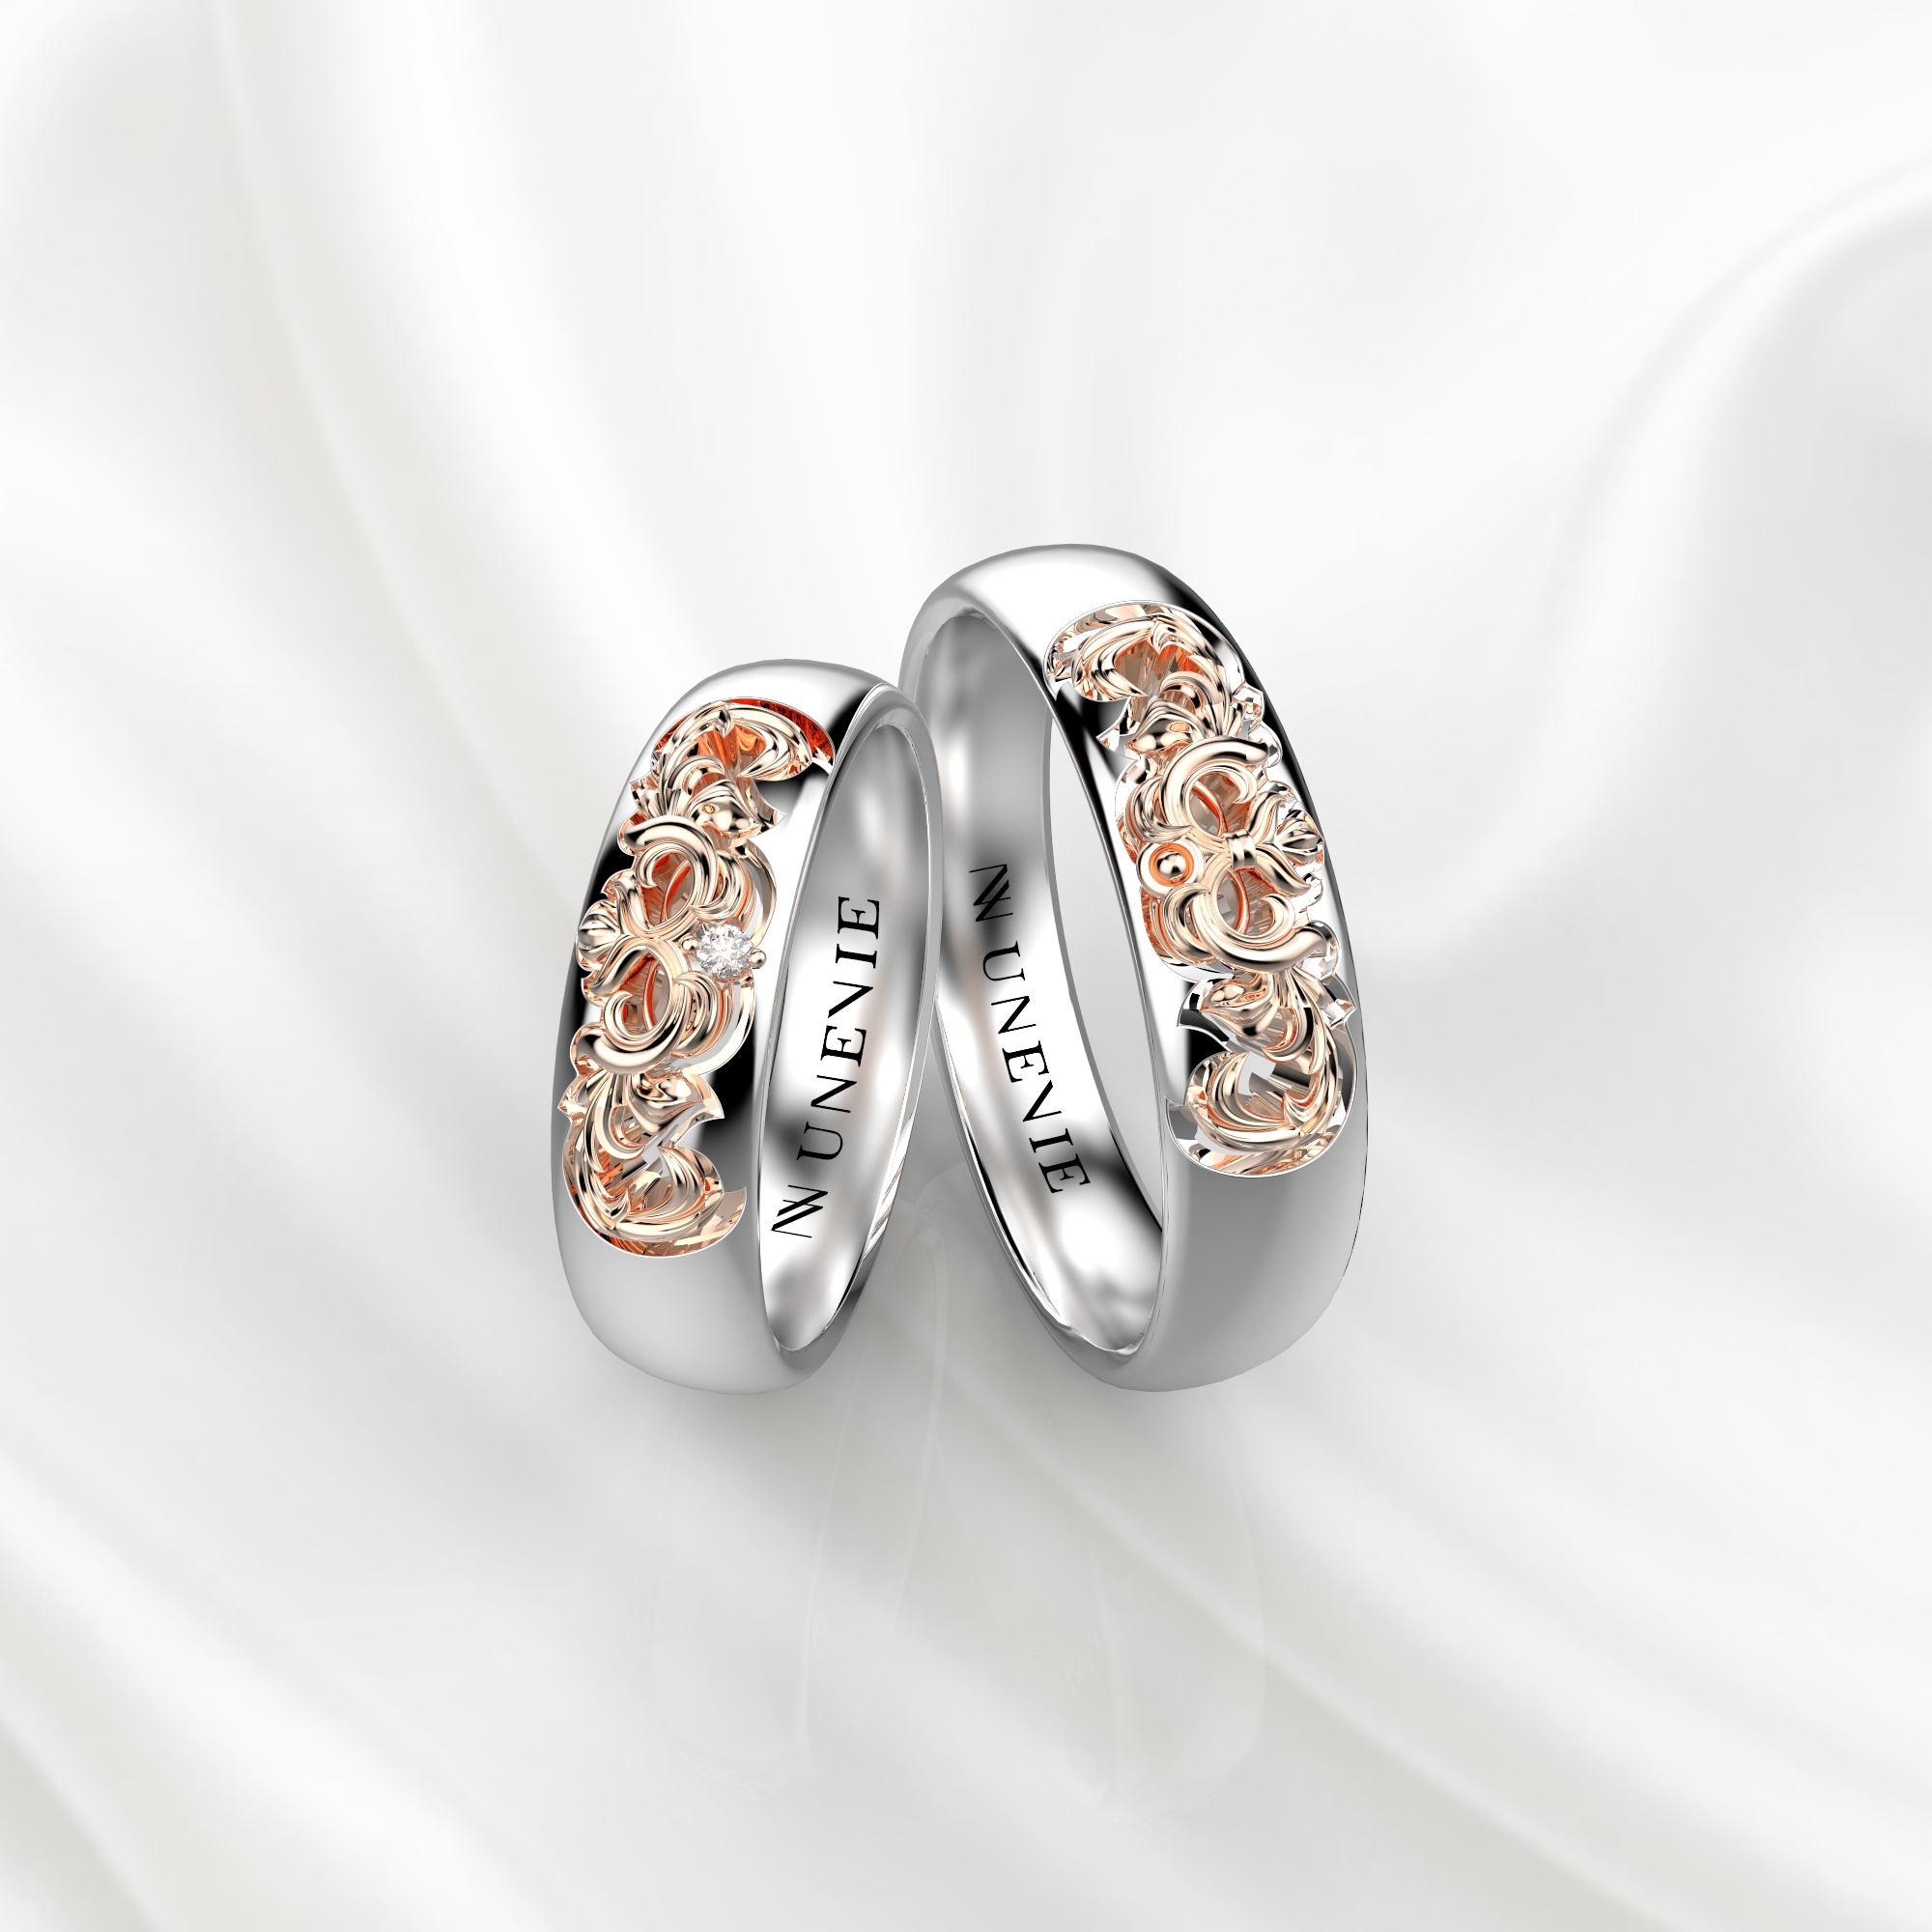 NV56 Парные обручальные кольца из белого-розового золота с бриллиантами